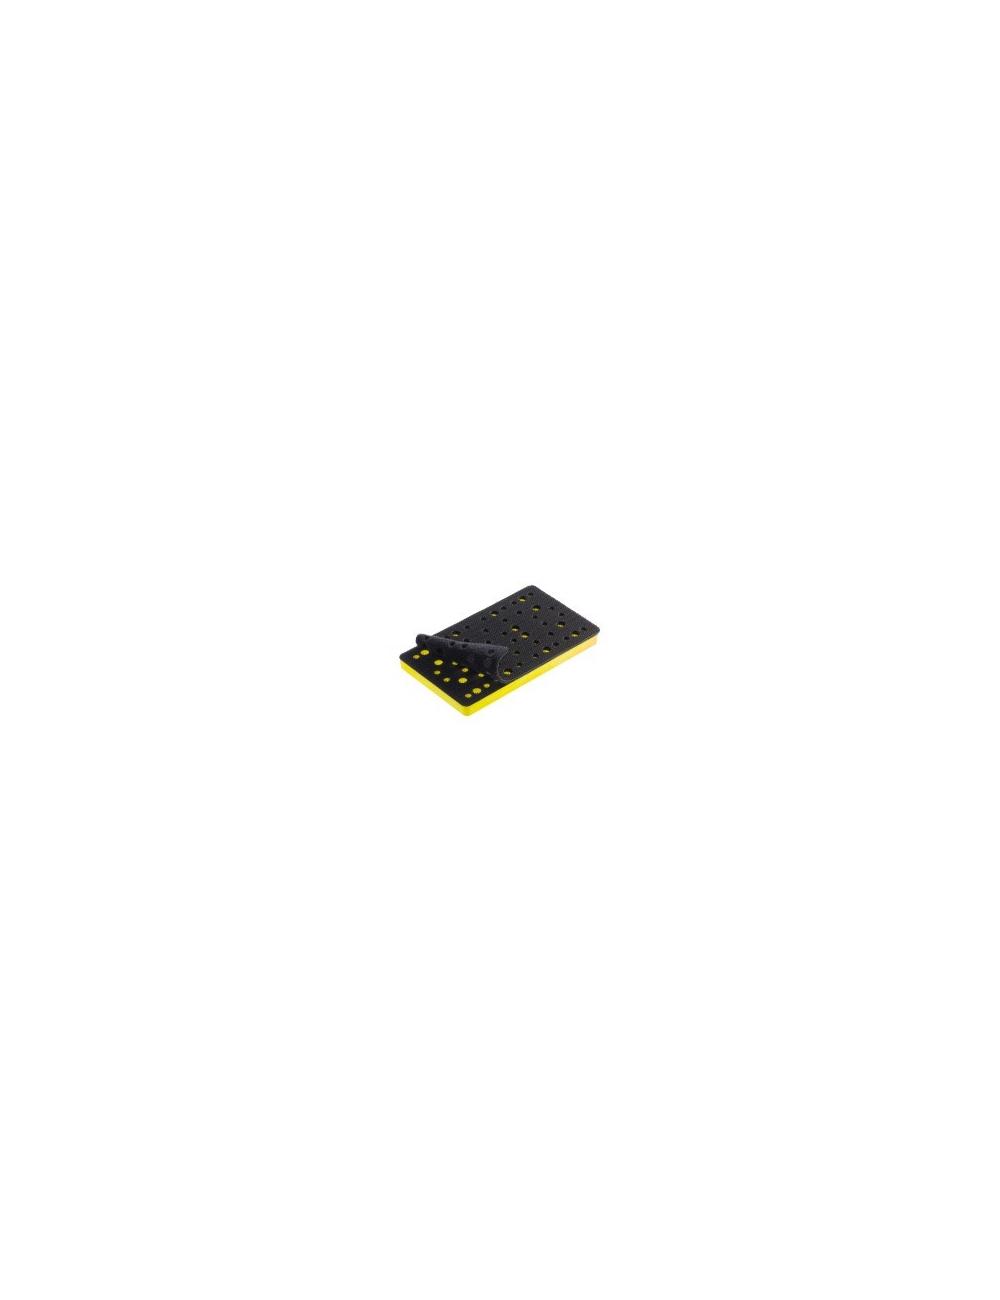 PLATEAU auto-agrippant 81X133 mm + Protecteur